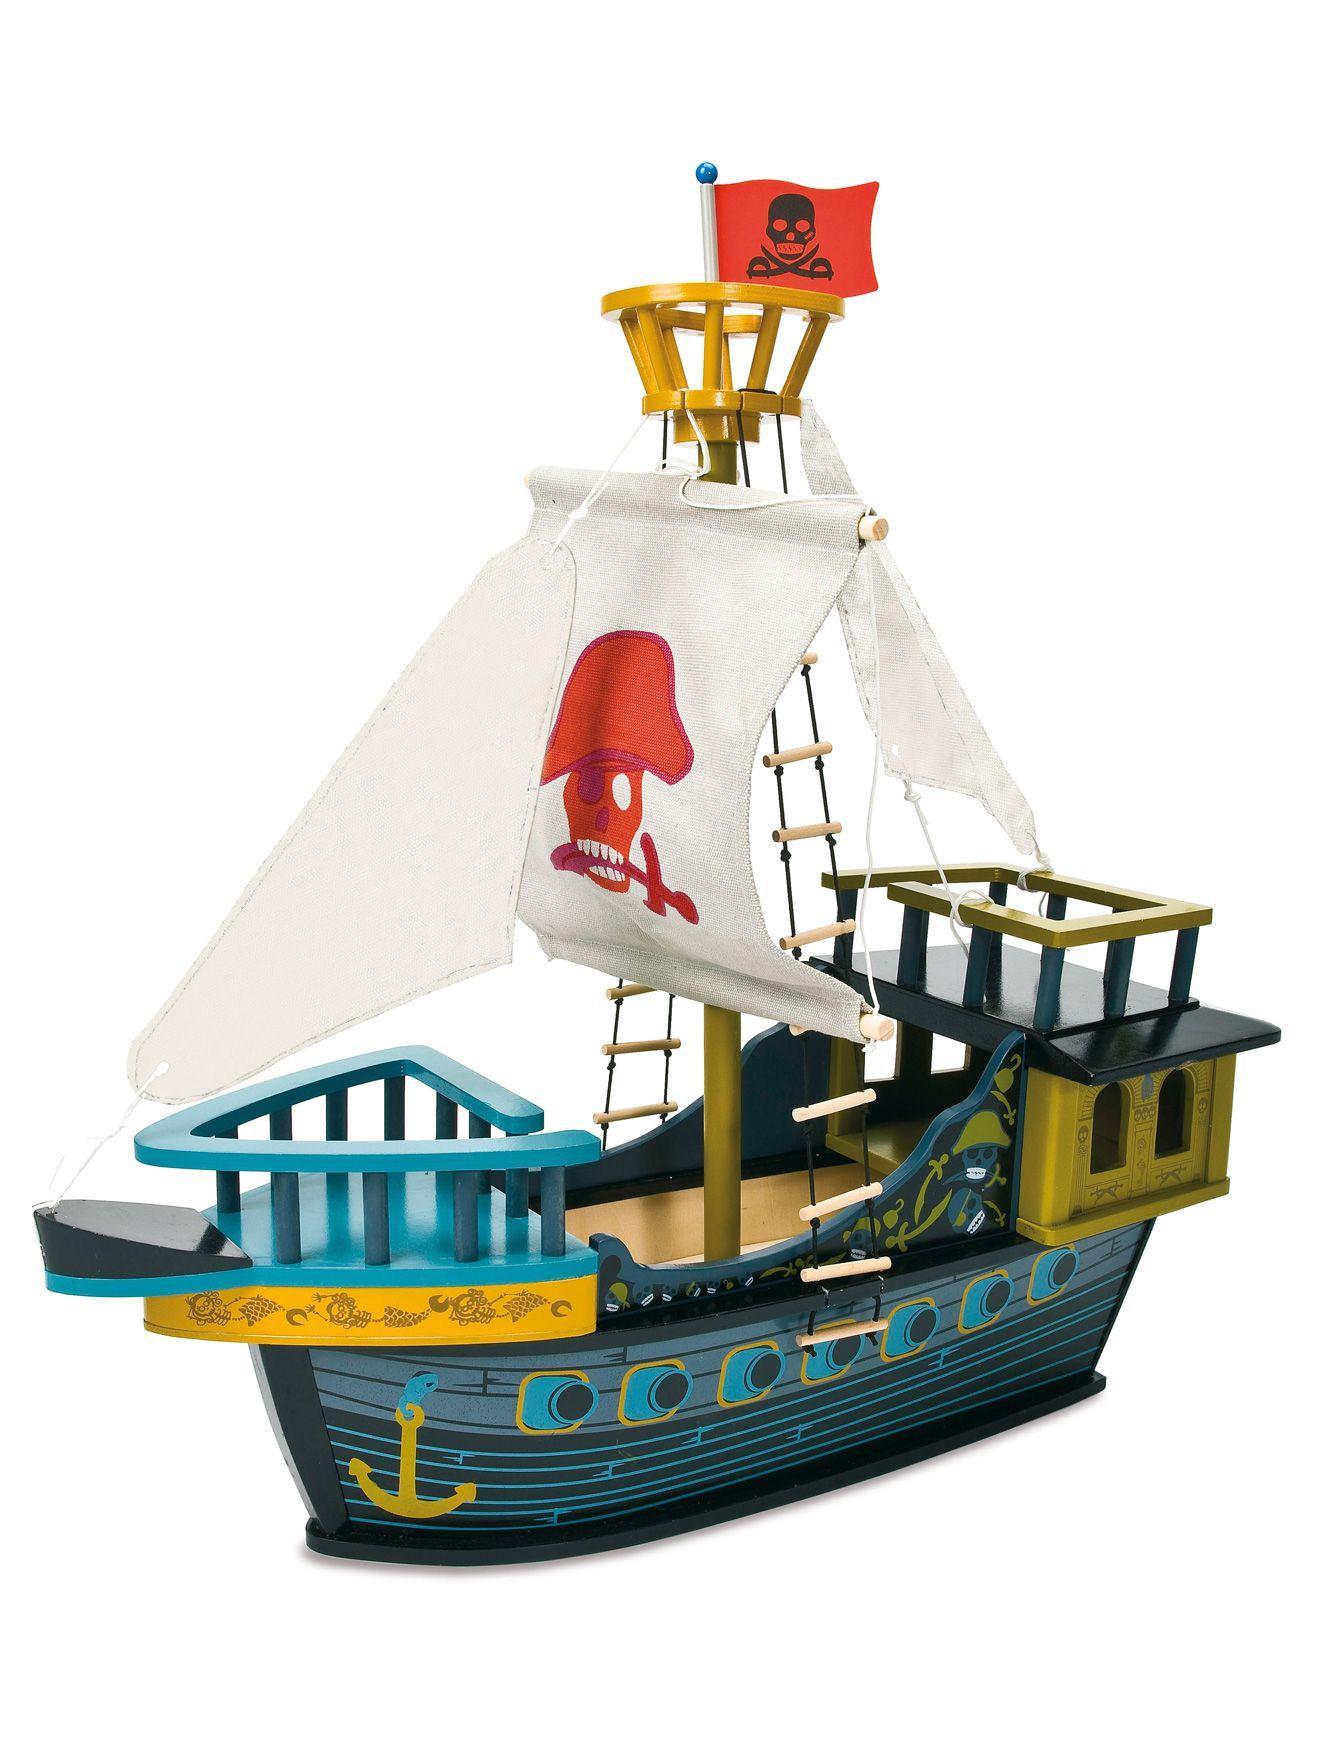 bateau en bois pirate 39 s boat pinterest bateau en bois jouets en bois et jouet pas cher. Black Bedroom Furniture Sets. Home Design Ideas